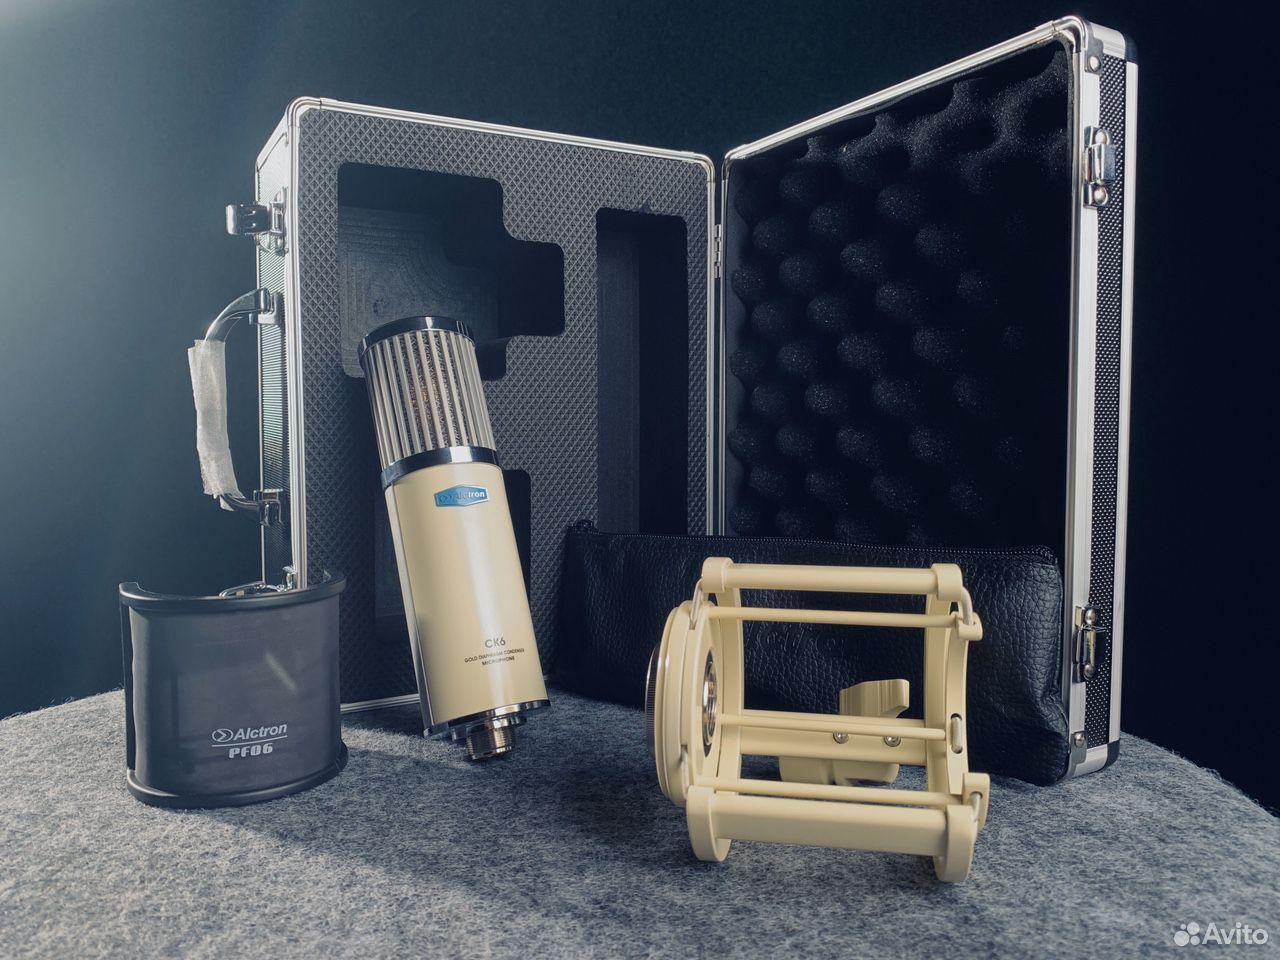 Студийный конденсаторный микрофон Alctron CK6 купить в Краснодаре с  доставкой | Хобби и отдых | Авито